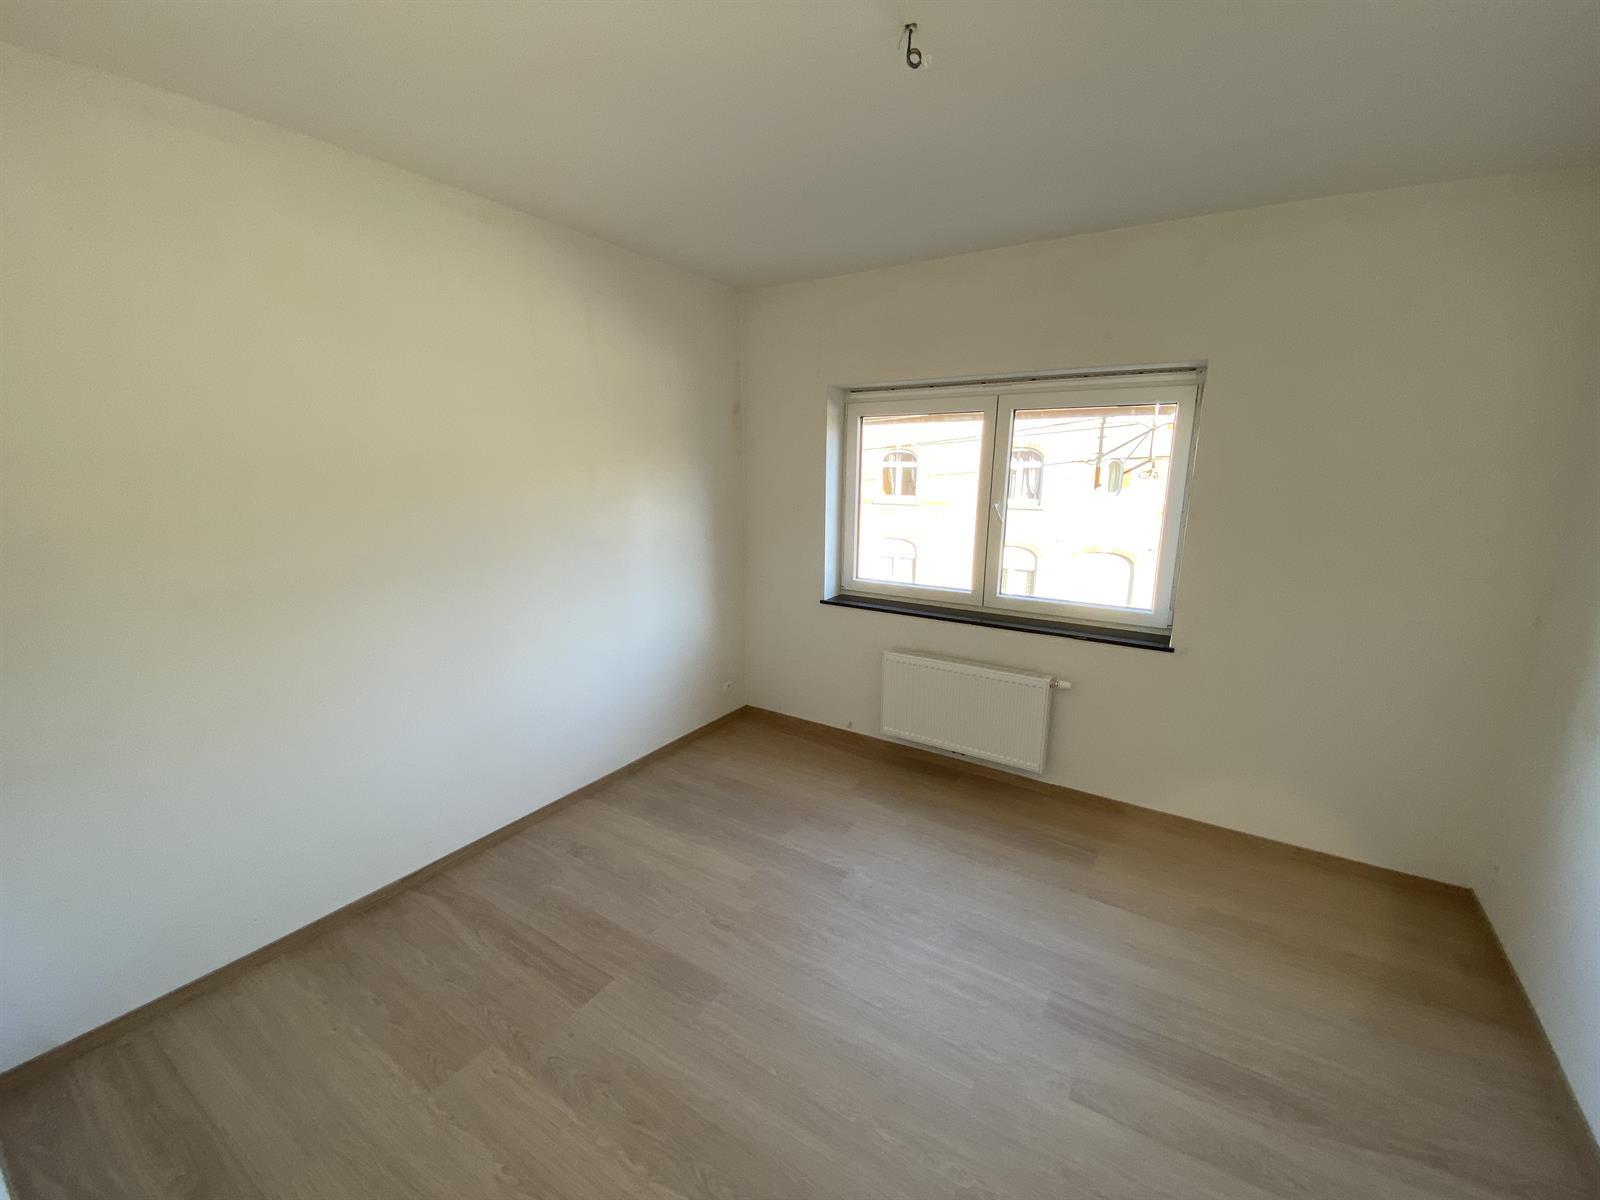 Maison - Waremme - #4002944-26